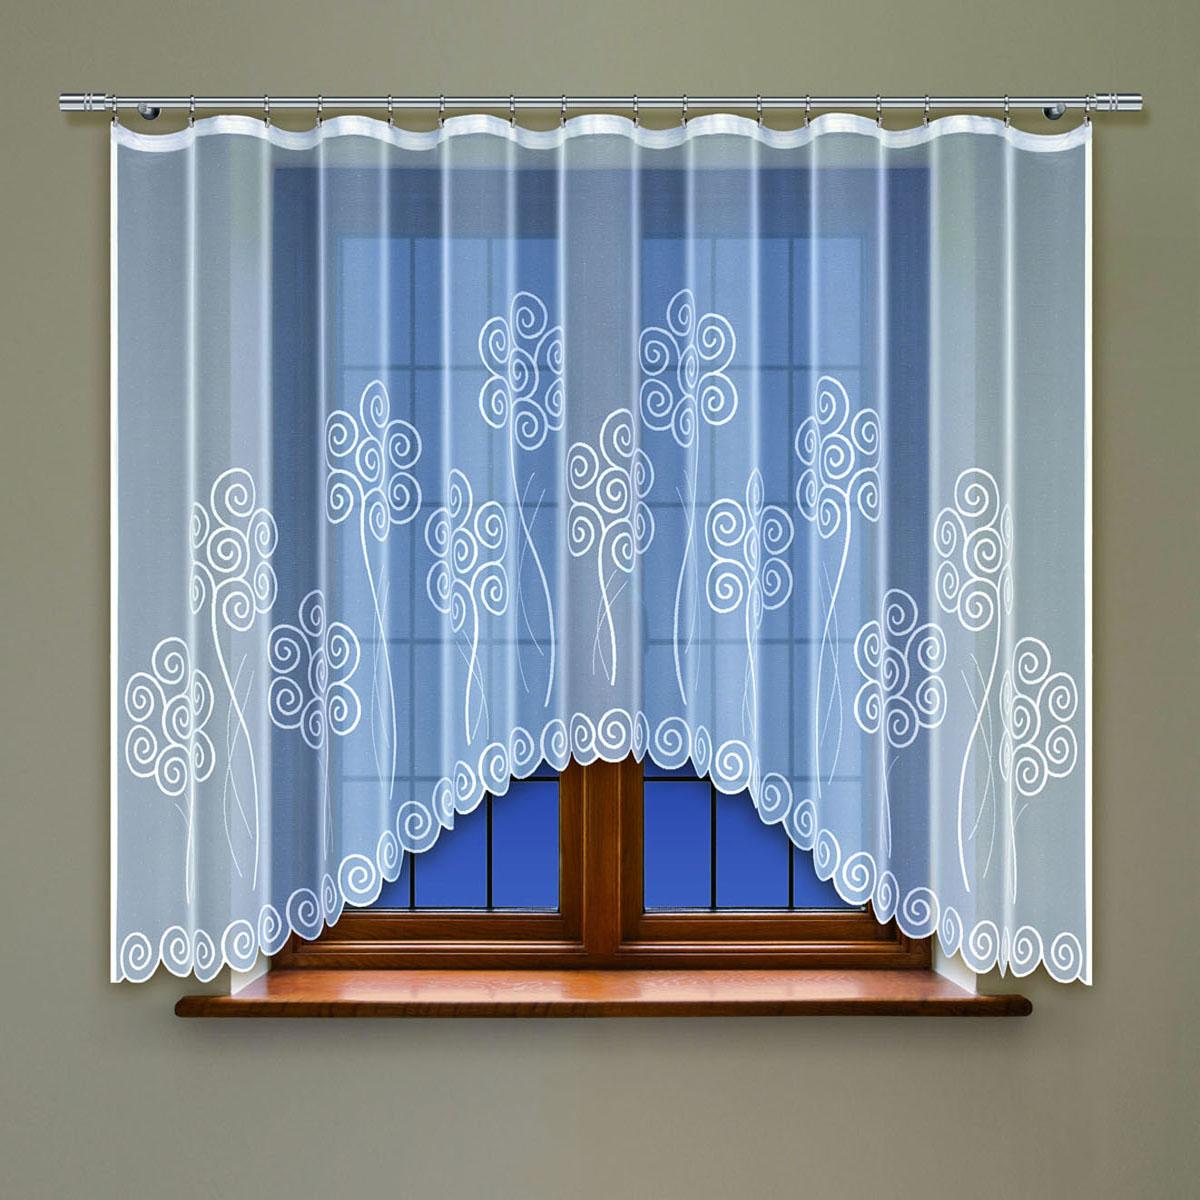 Гардина Haft, цвет: белый, ширина 300 см, высота 160 см. 214150/160214150/160Жаккардовая гардина-арка белого цвета Размеры: высота 160см * ширина 300см